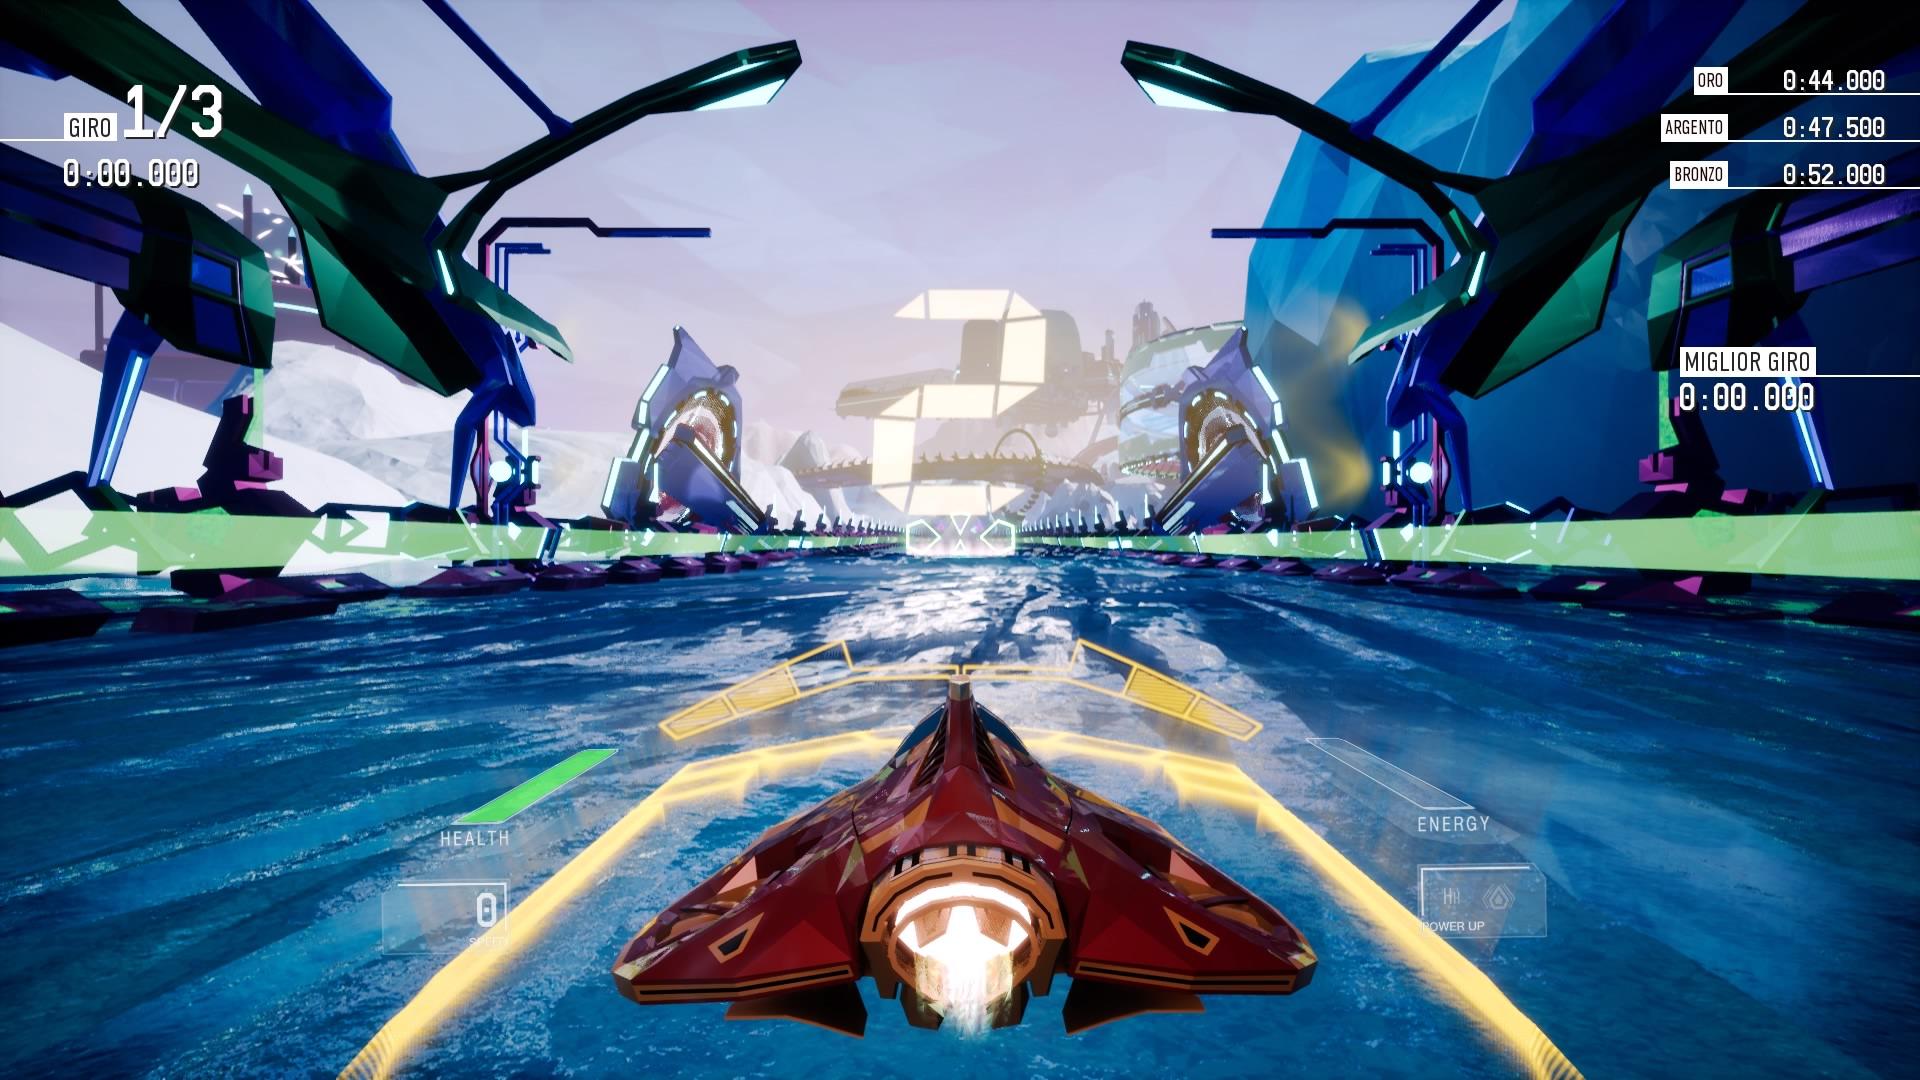 Come sempre in questo genere, andando avanti nel gioco si possono ovviamente sbloccare altre navicelle, nuove piste, ambientazioni e tipologie di gara.